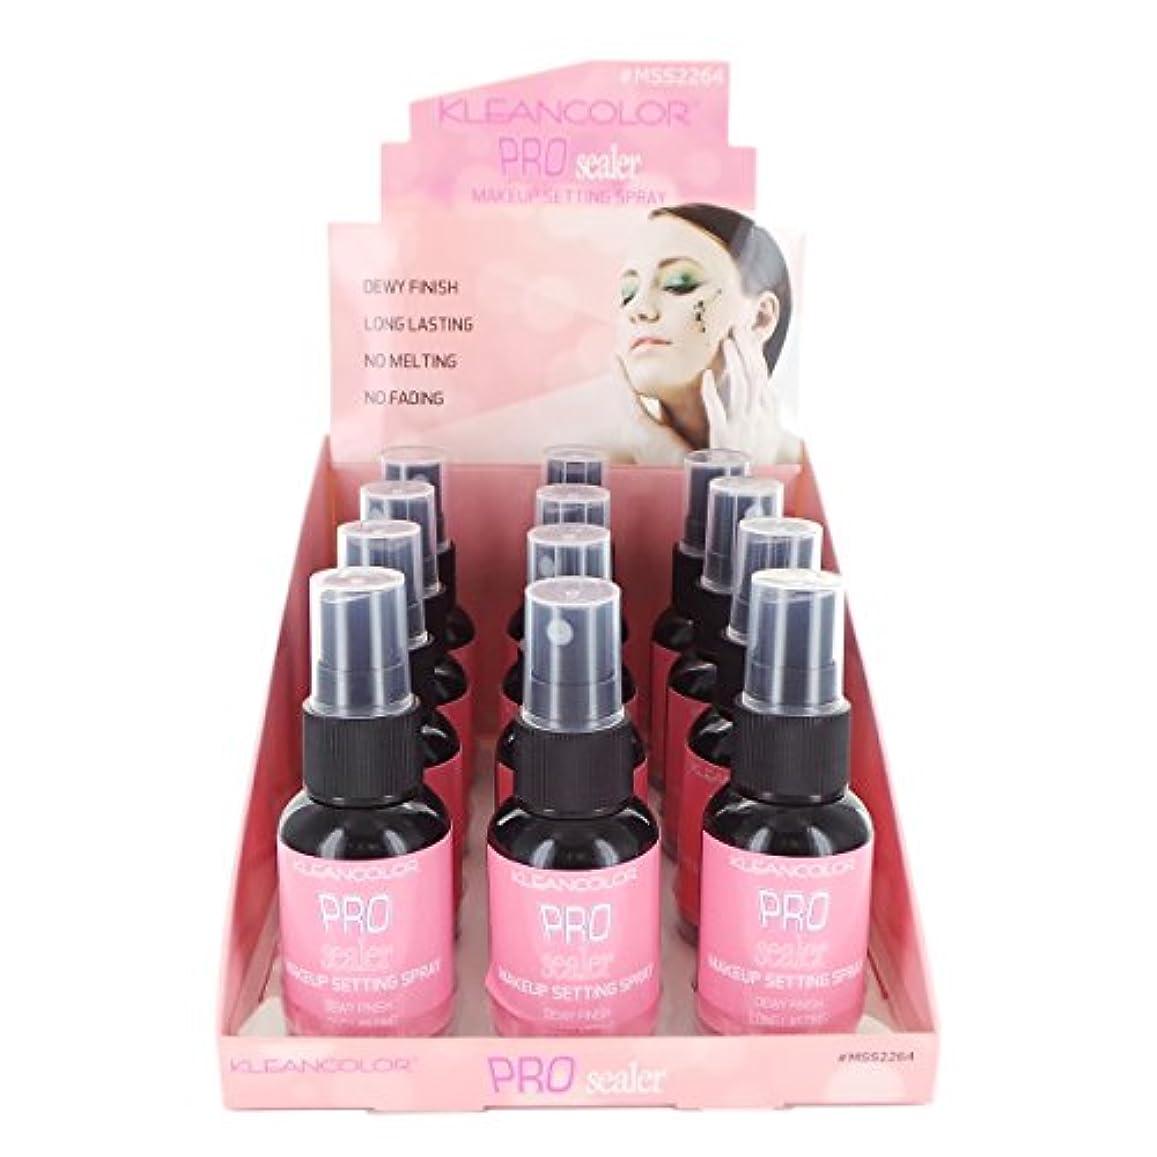 将来の展開する対応するKLEANCOLOR Pro Sealer Makeup Setting Spray Display Set, 12 Pieces (並行輸入品)